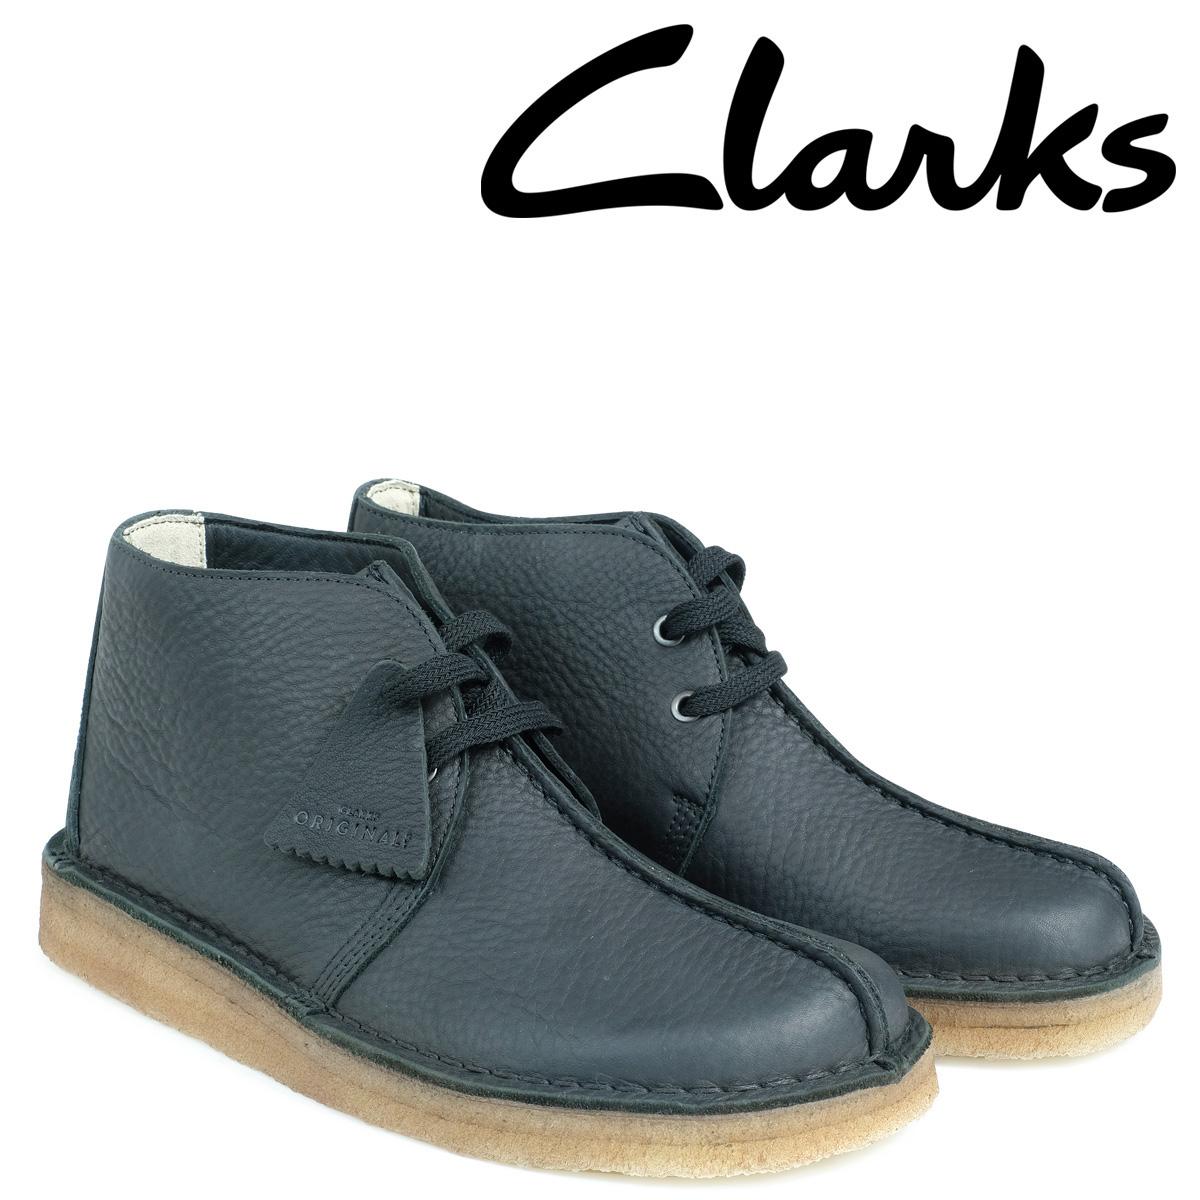 クラークス デザートトレック ブーツ メンズ Clarks DESERT TREK HI 26128366 ブラック